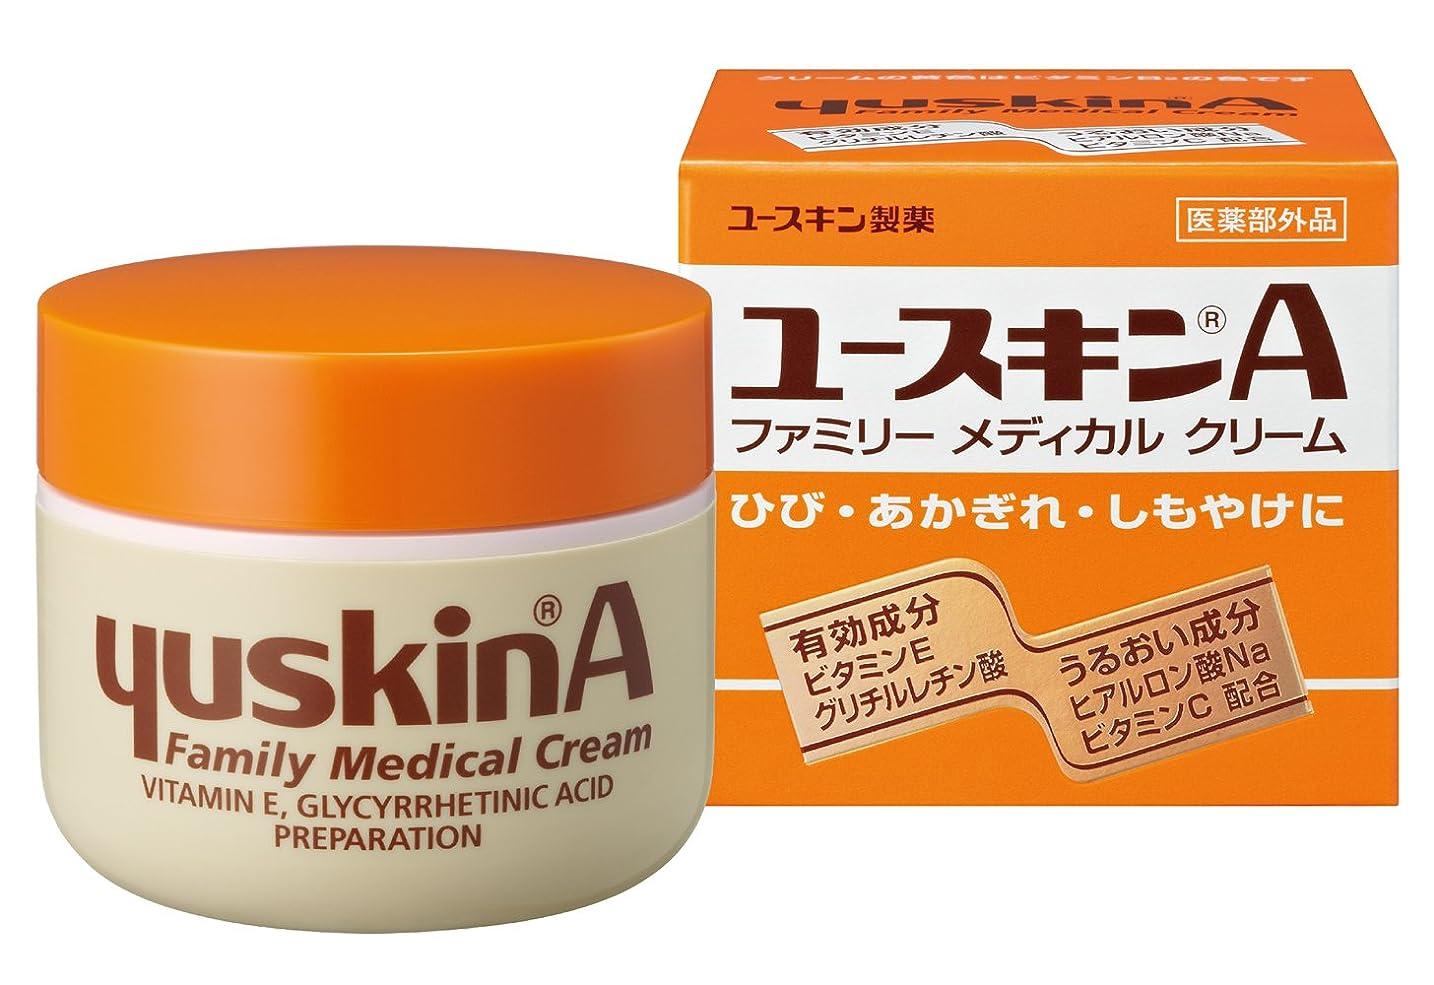 レンド鎮痛剤炎上ユースキンA 120g 【指定医薬部外品】